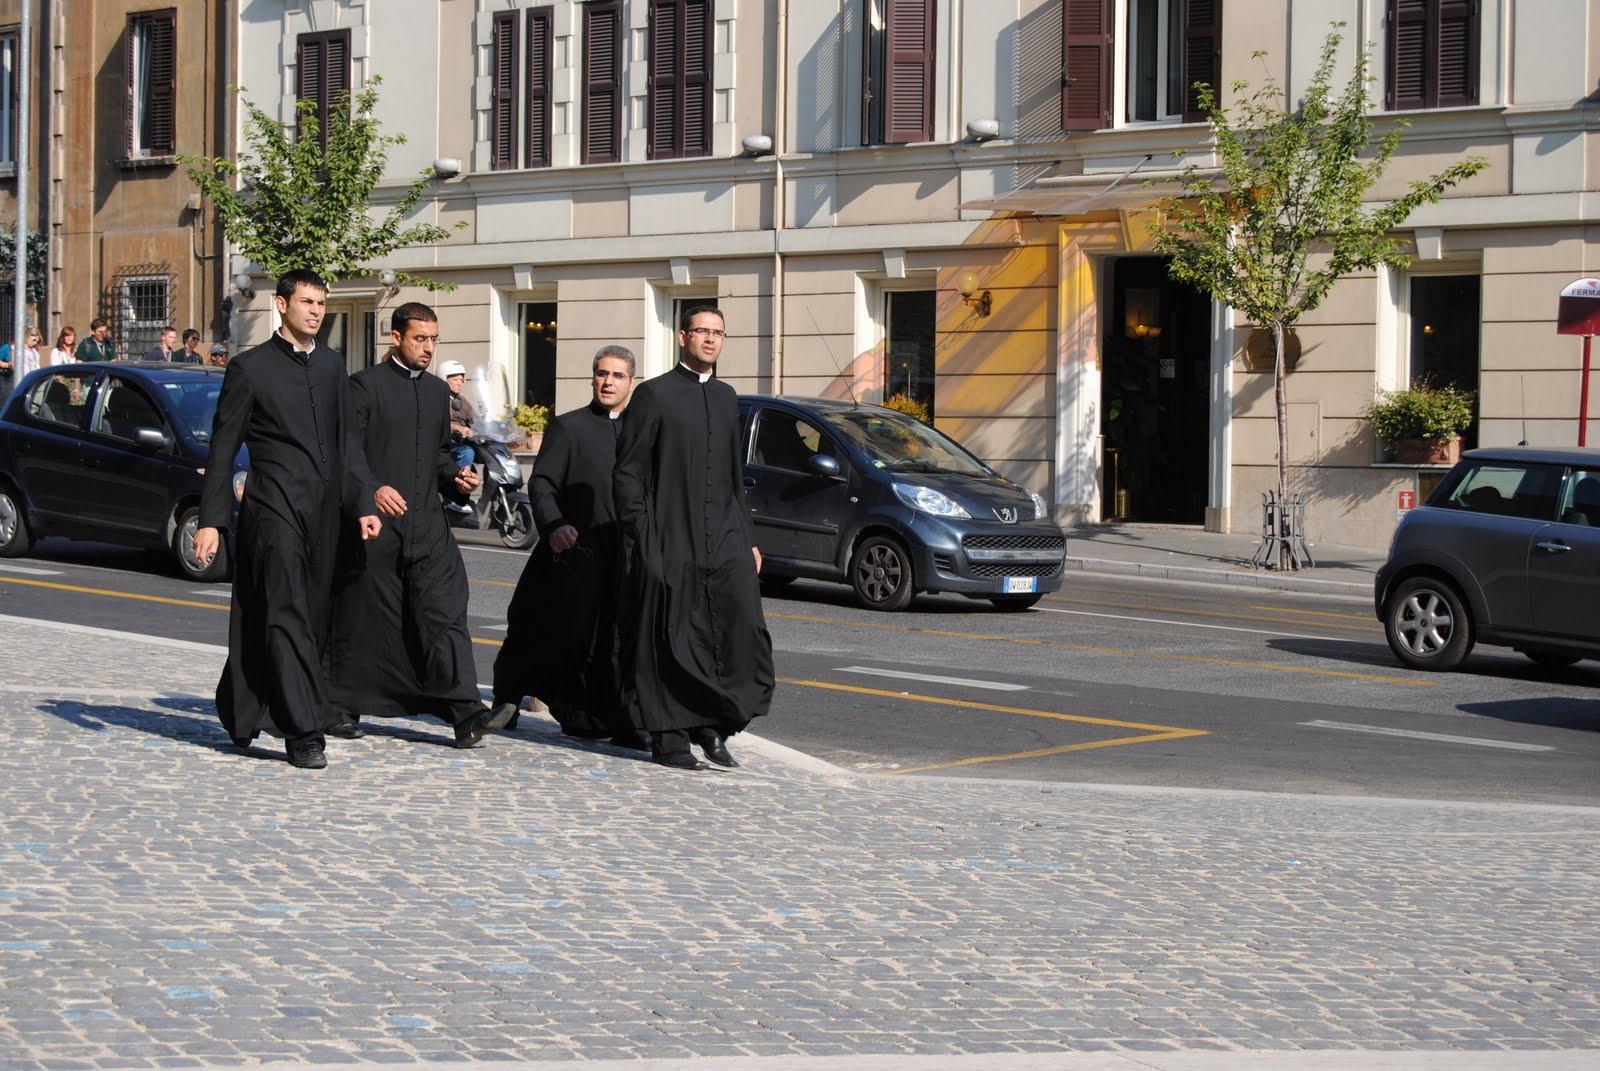 Priests Walking In Rome